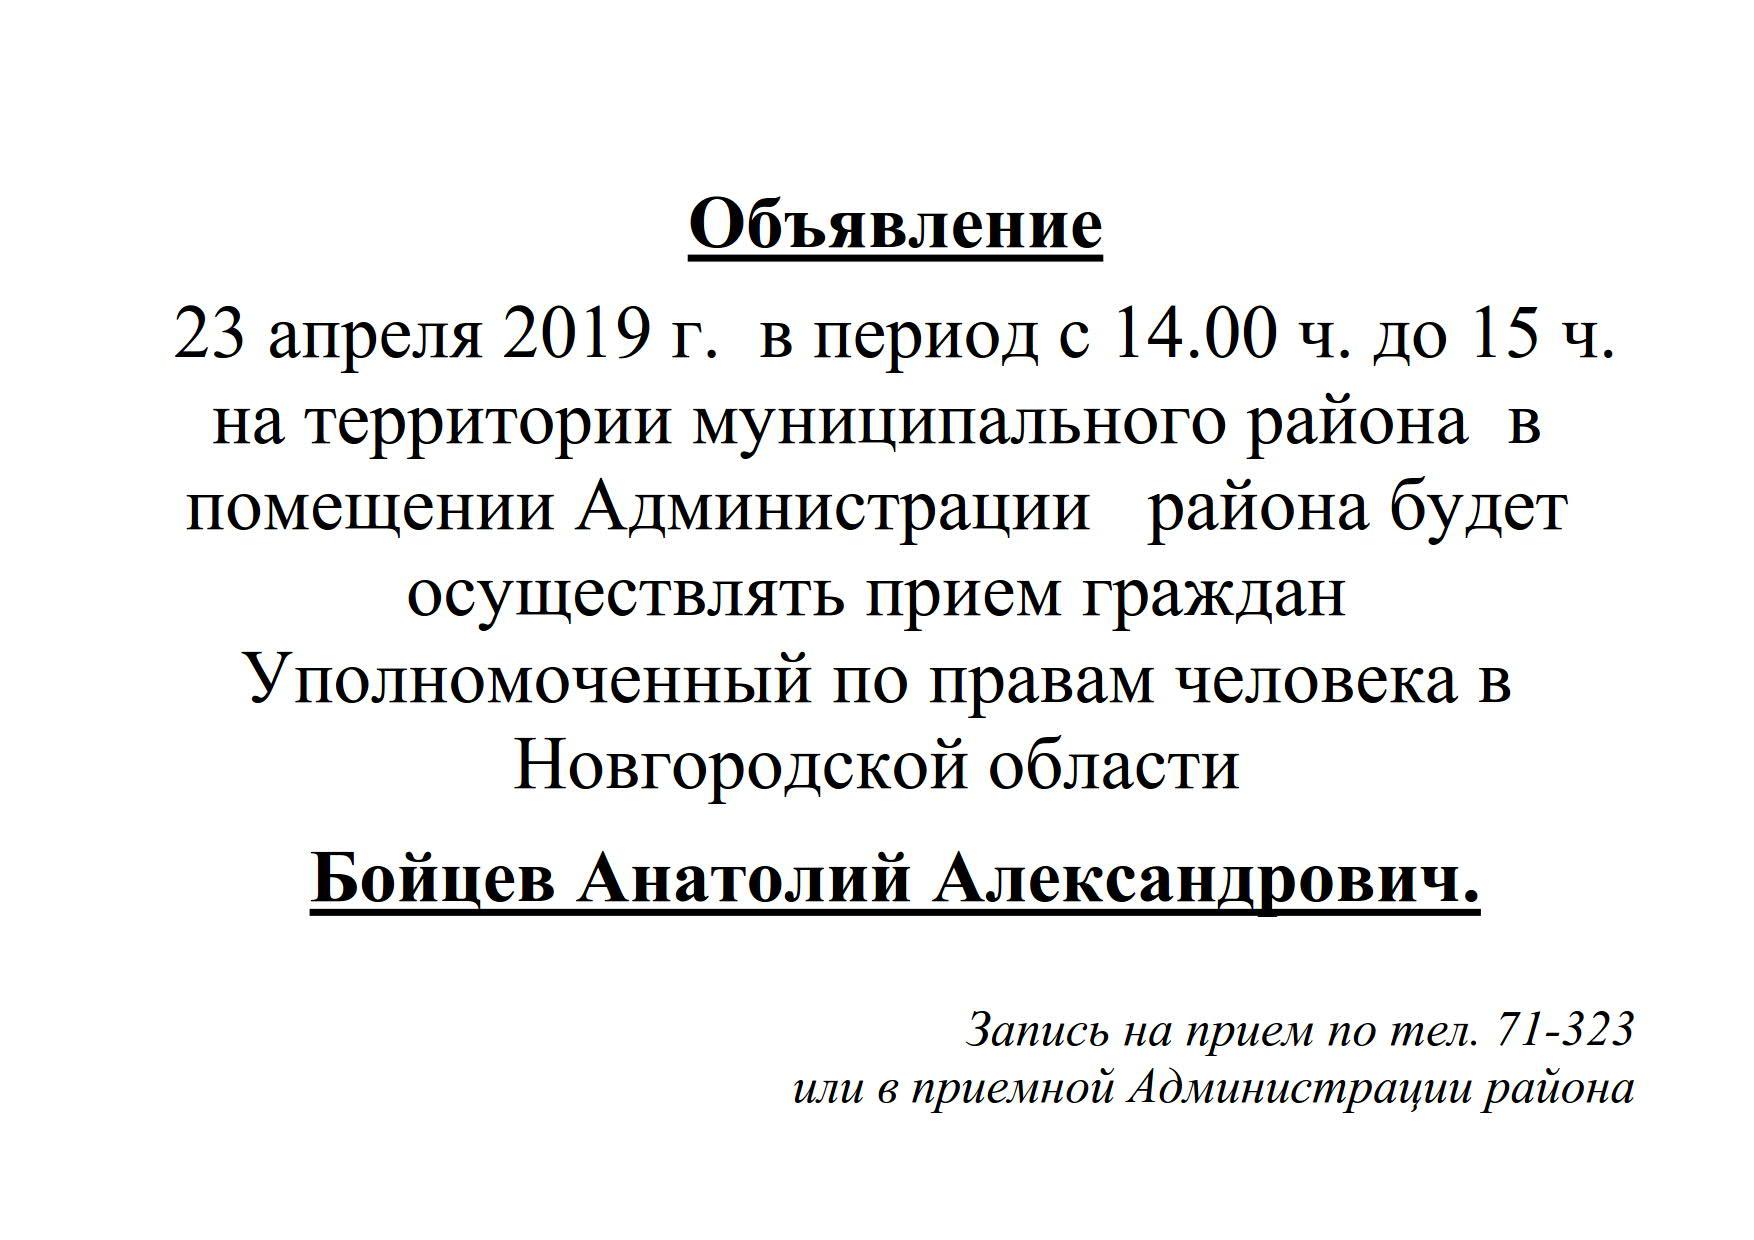 Объявление 2019_1